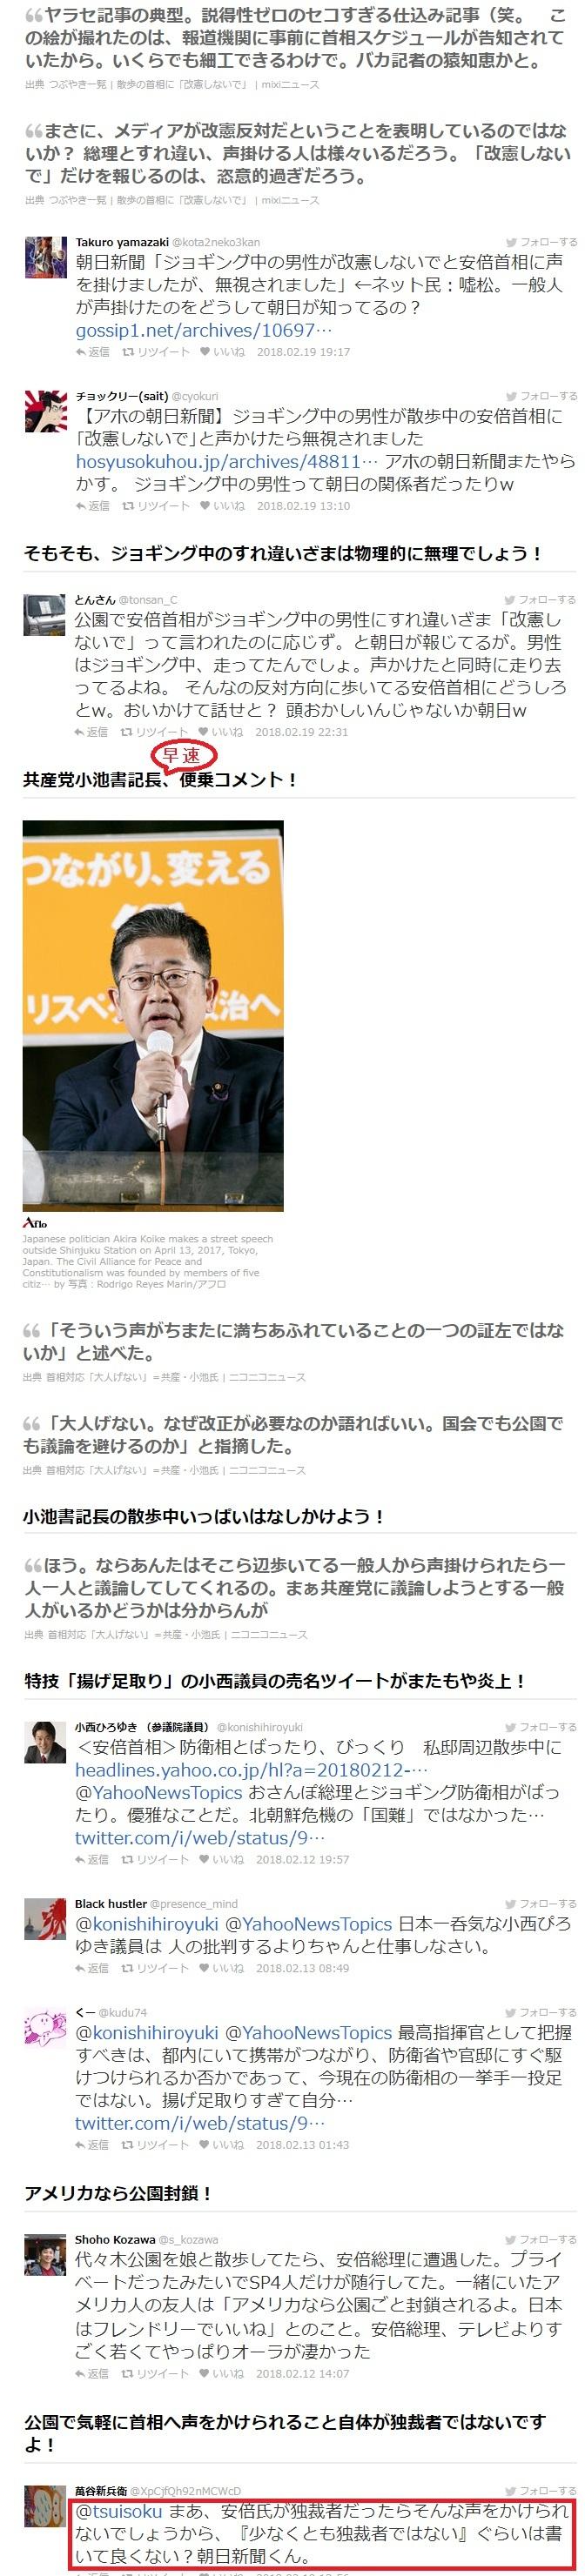 チョウニチ新聞がまた捏造記事4